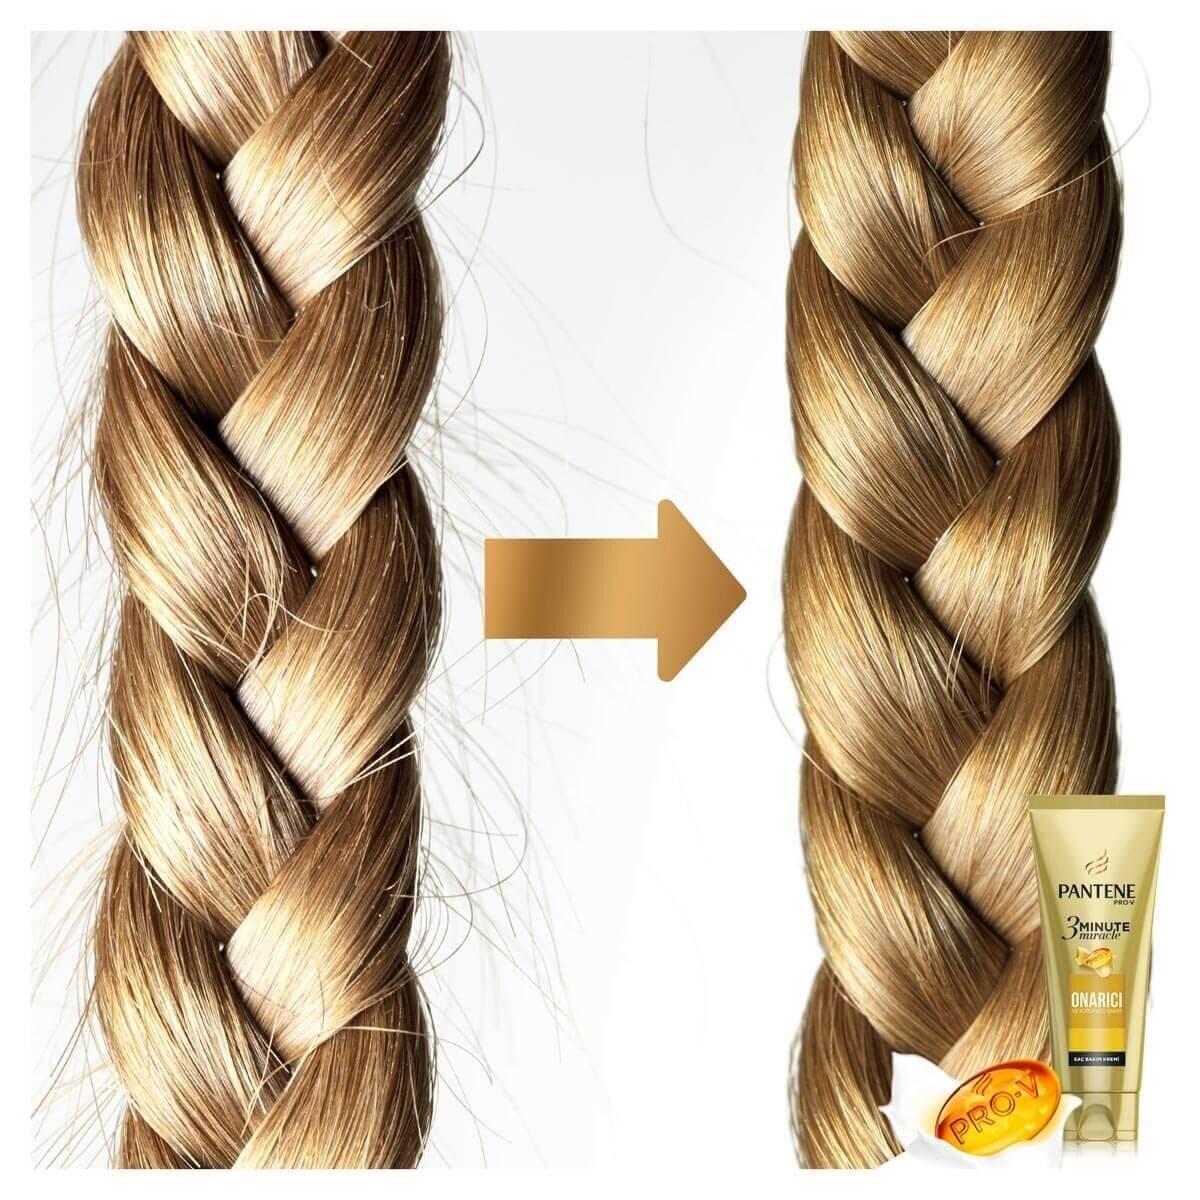 3MM Onarıcı ve Koruyucu Bakım Saç Kremi 200ml